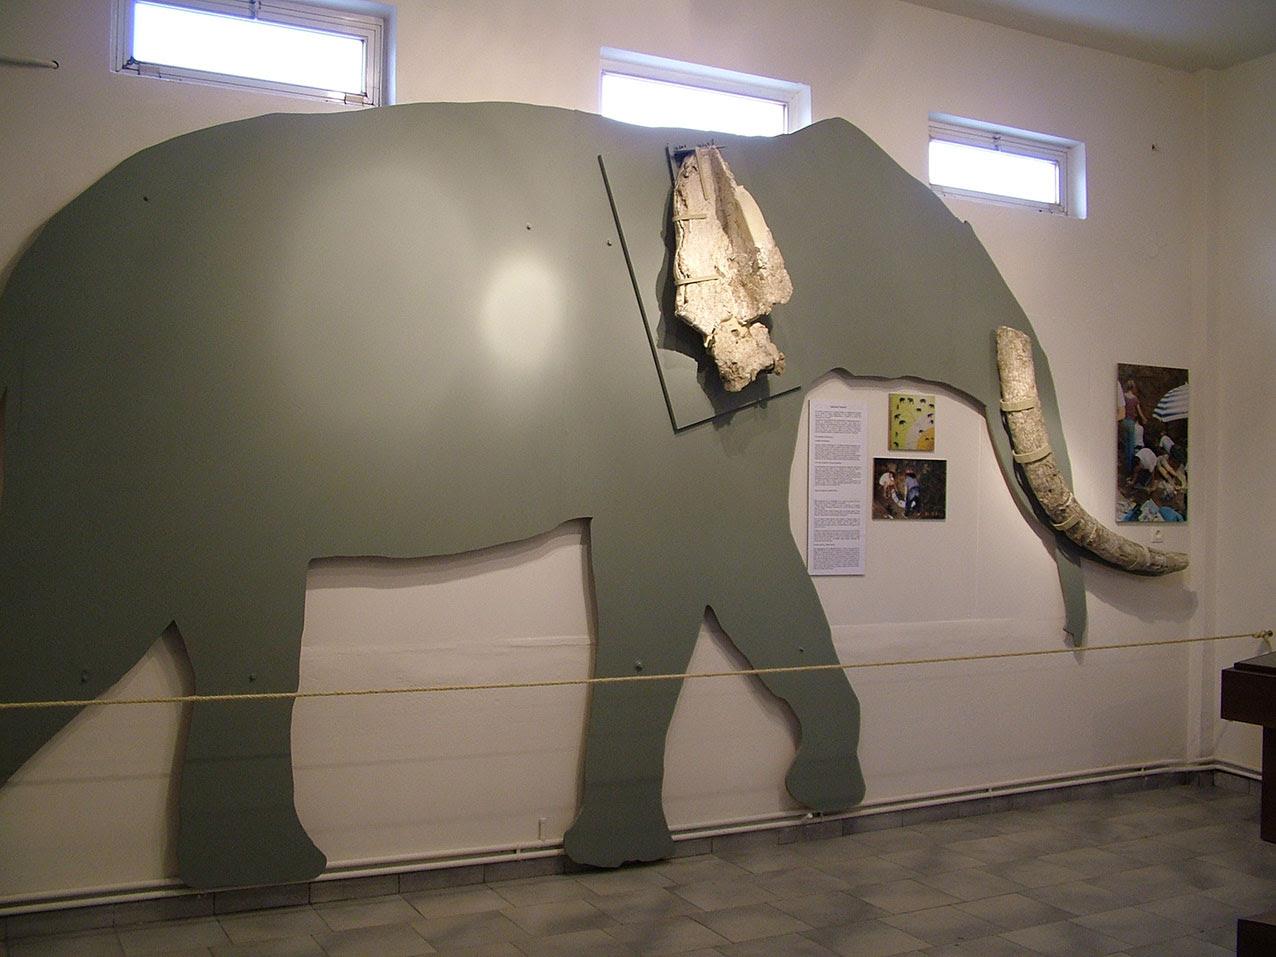 Άποψη της έκθεσης στο Μουσείο Απολιθωμάτων Θηλαστικών στην Κερασιά (φωτ. ΑΠΕ-ΜΠΕ).